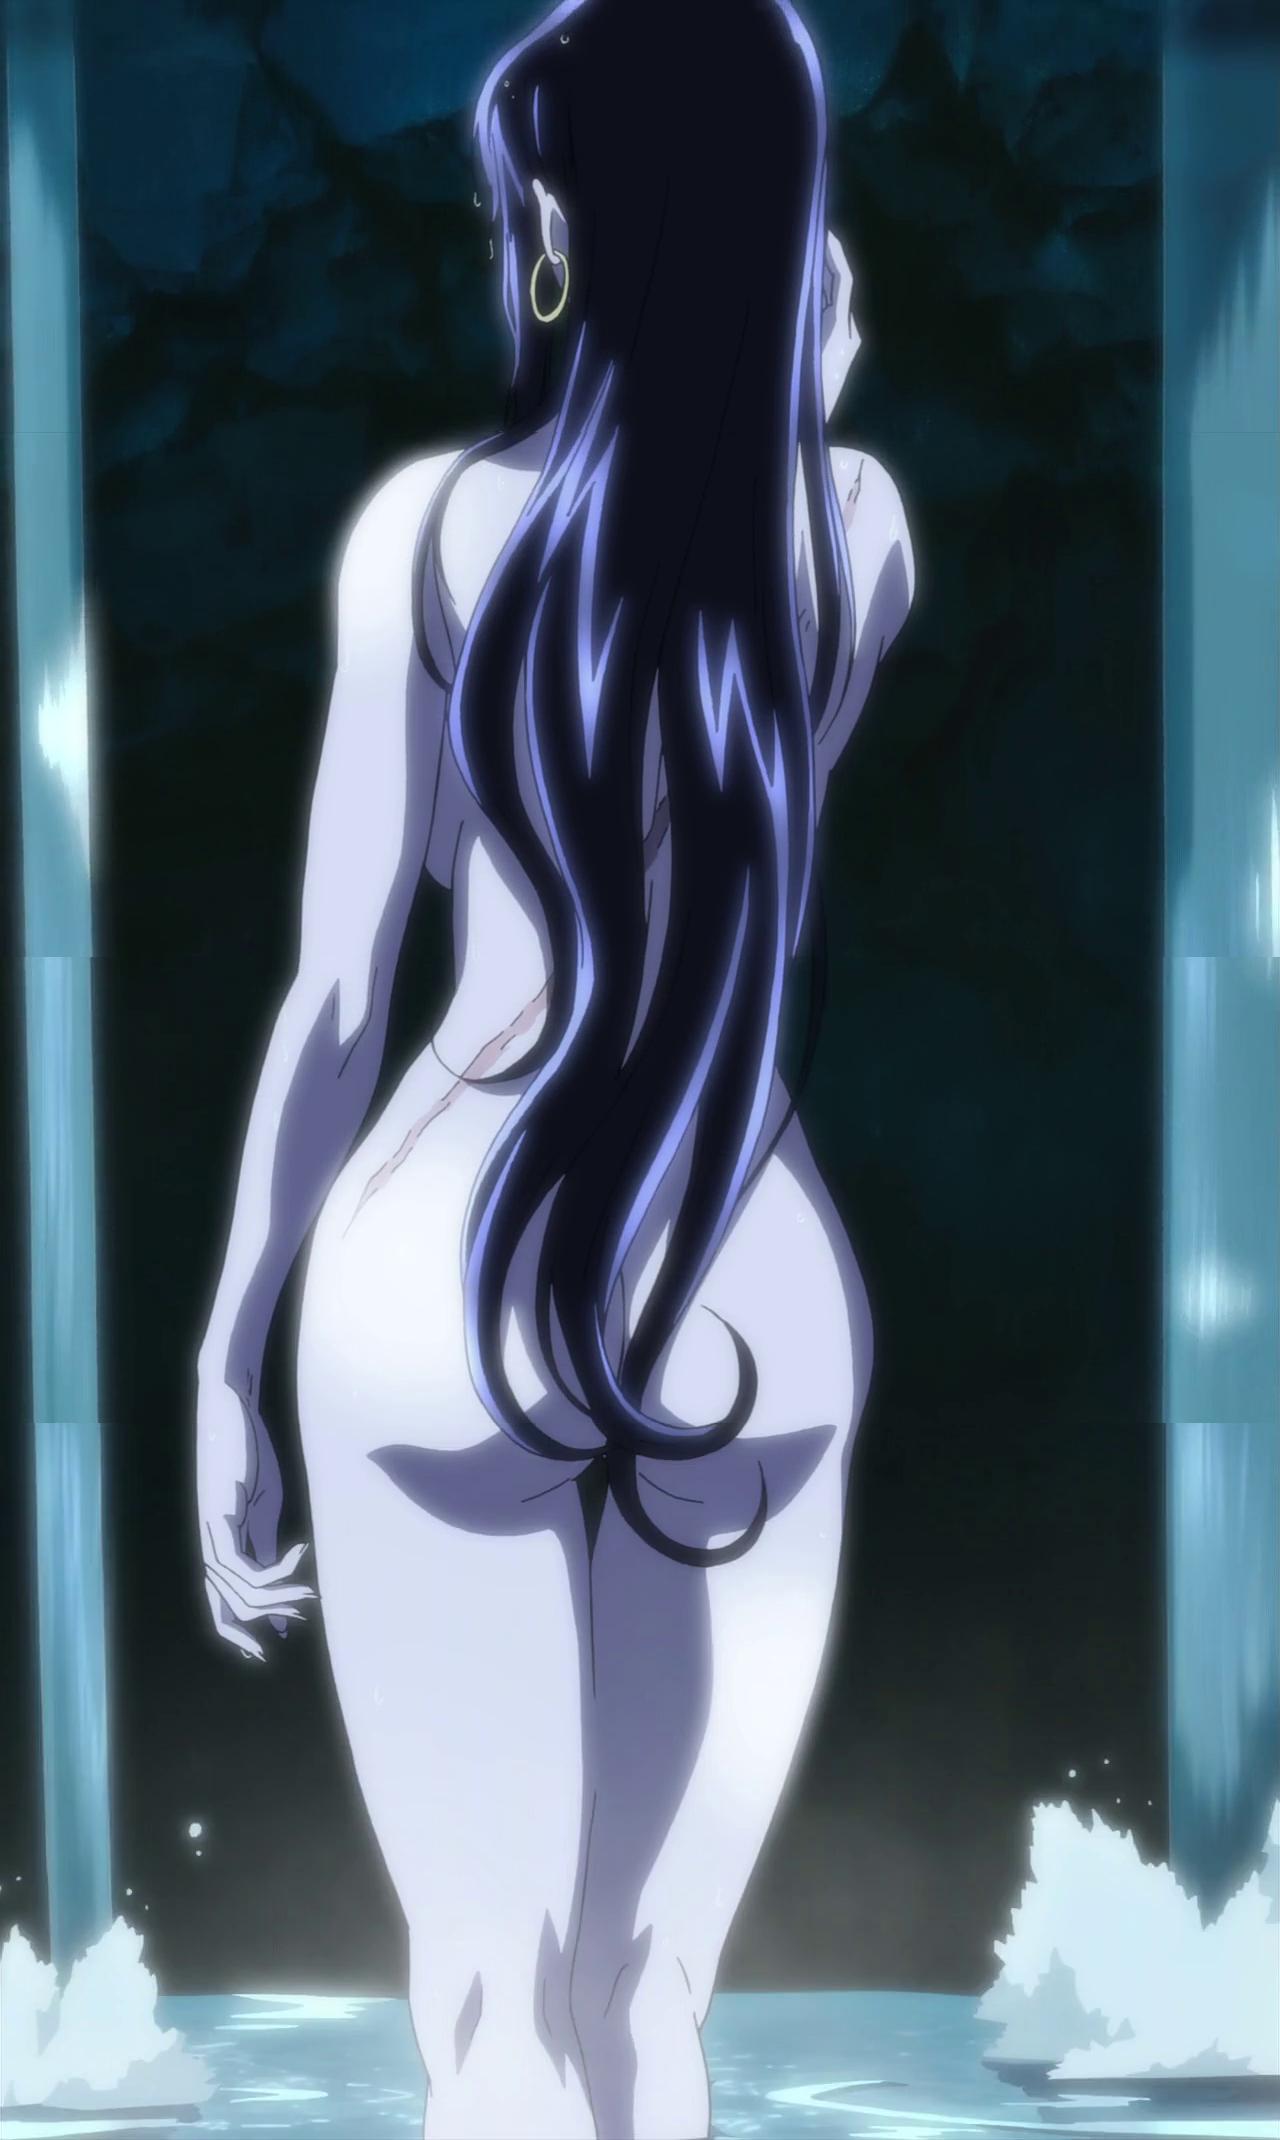 afro-samurai-resurrection-hentai-lesbians-almost-naked-xxx